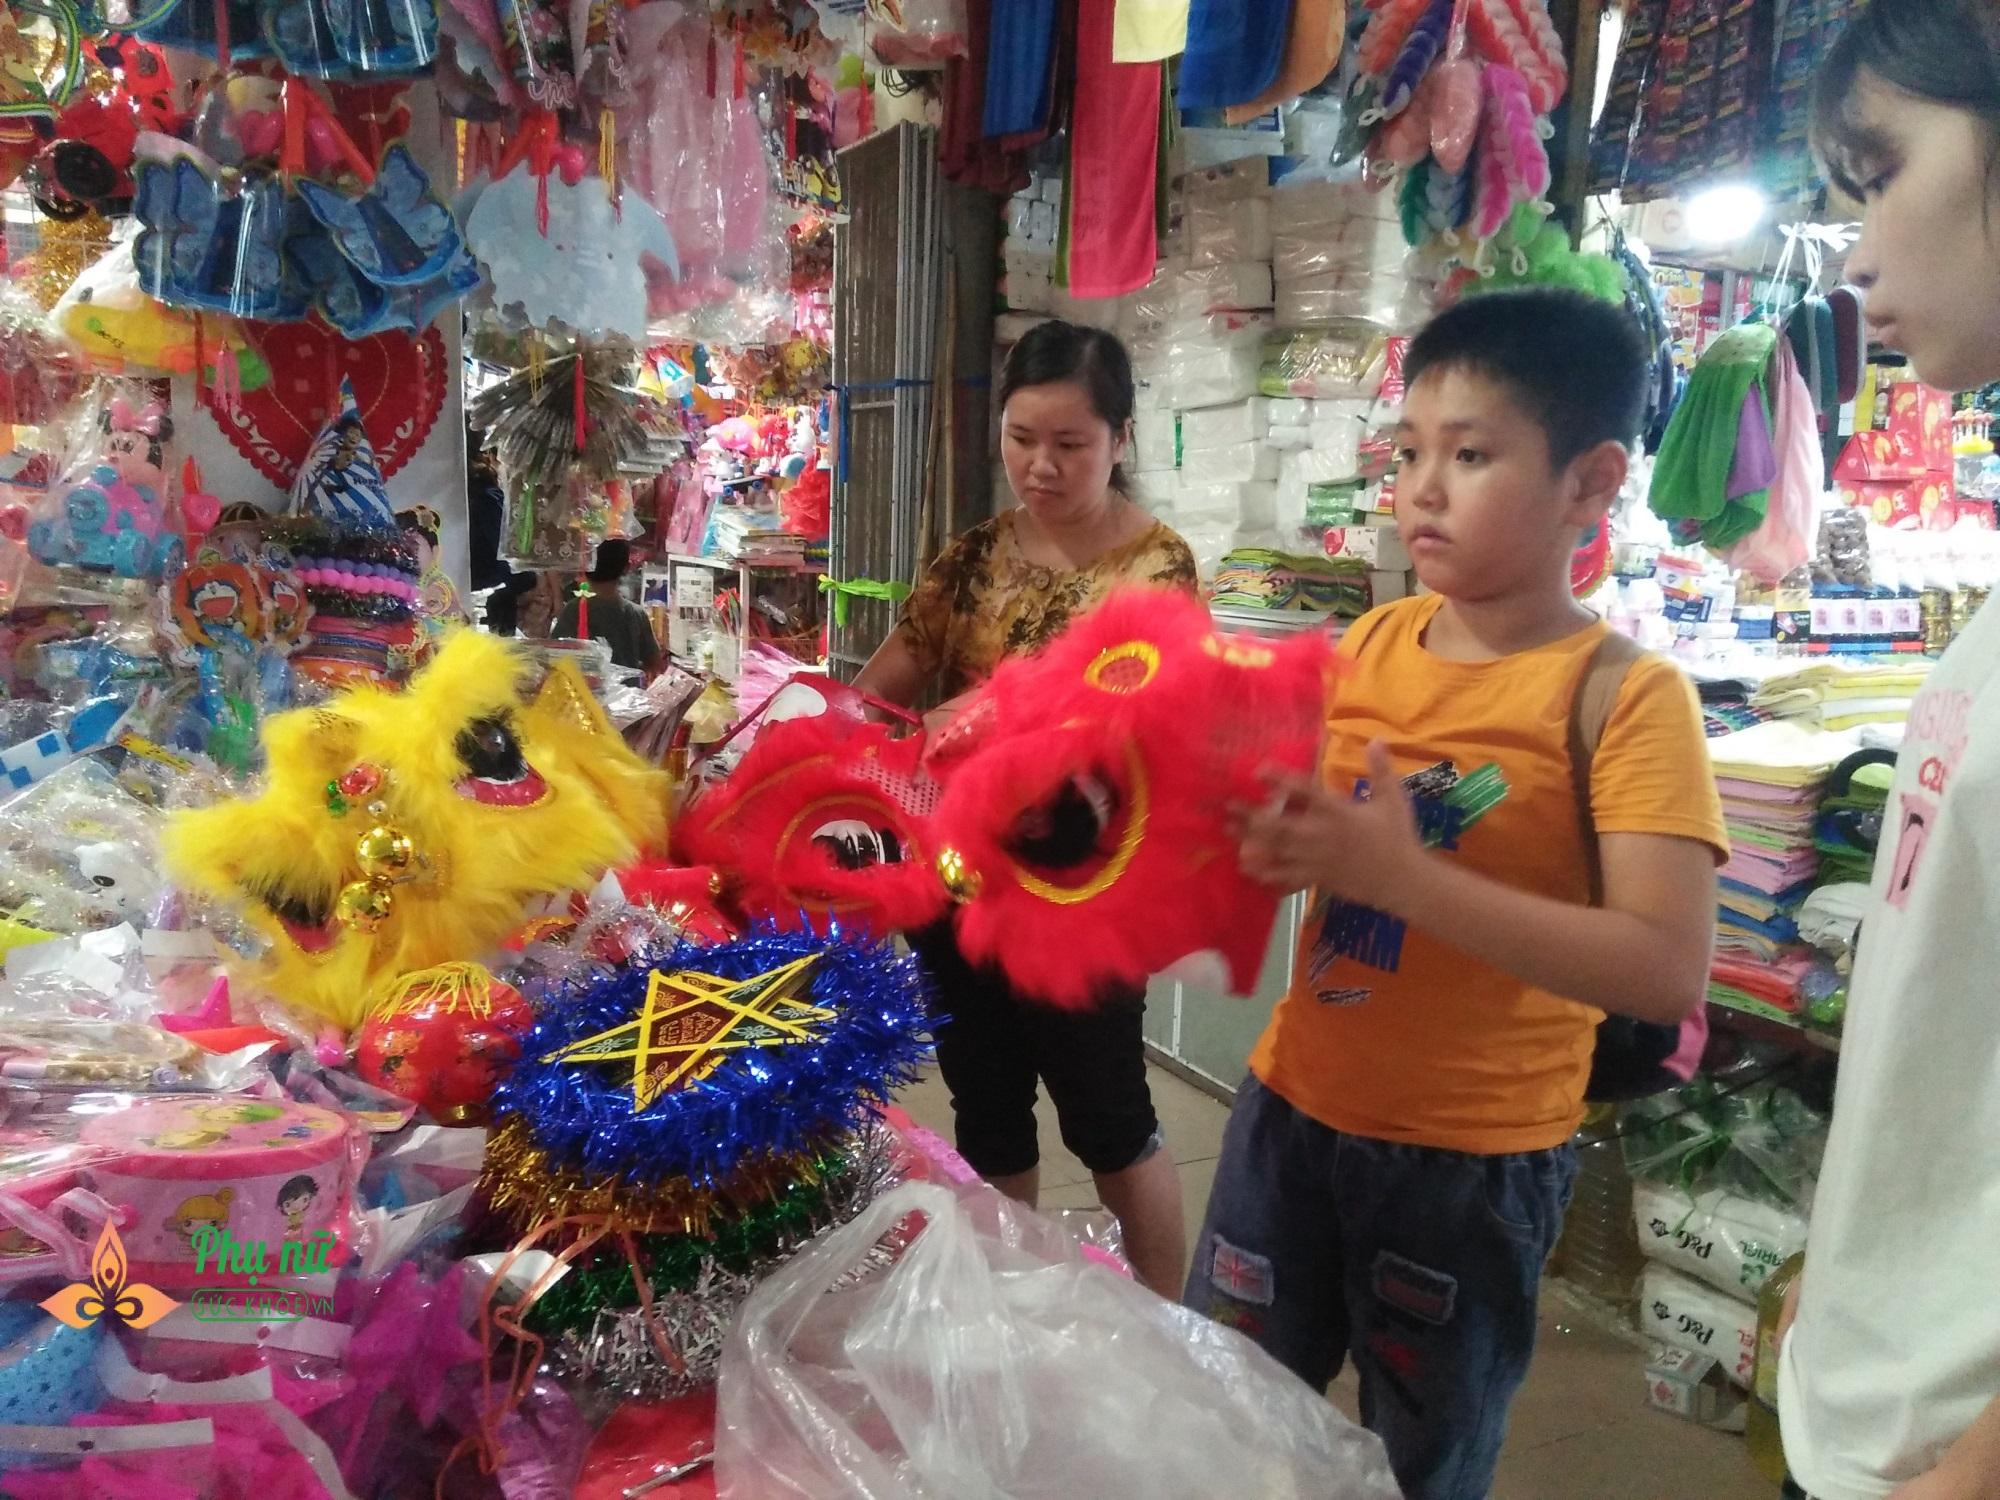 Cha mẹ lo ngại khi mặt nạ lông lá, rùng rợn bán nhan nhản chợ đồ chơi Trung thu - Ảnh 5